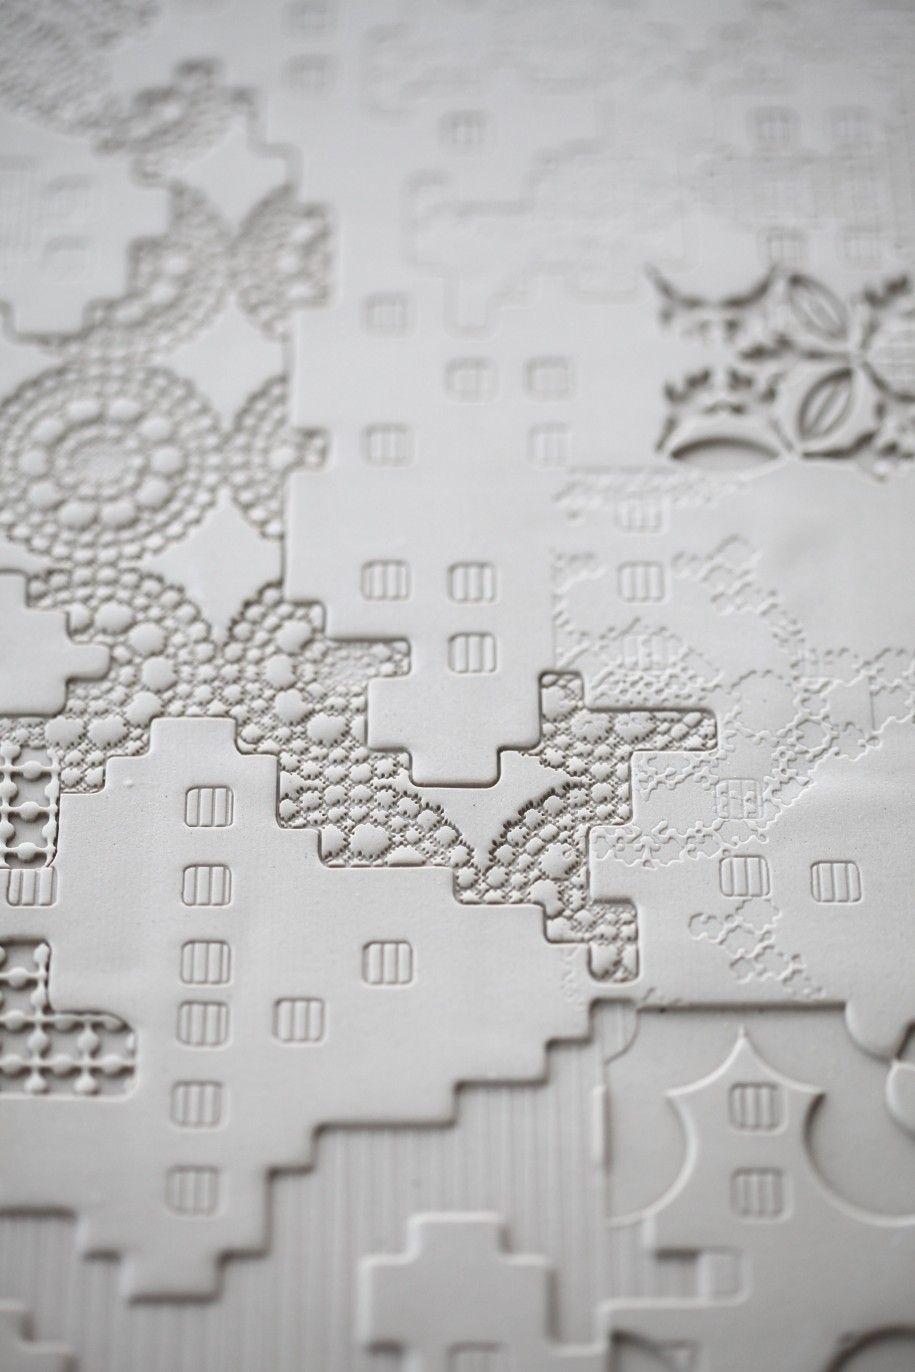 home accessories: modern concrete tile basementbas relief models